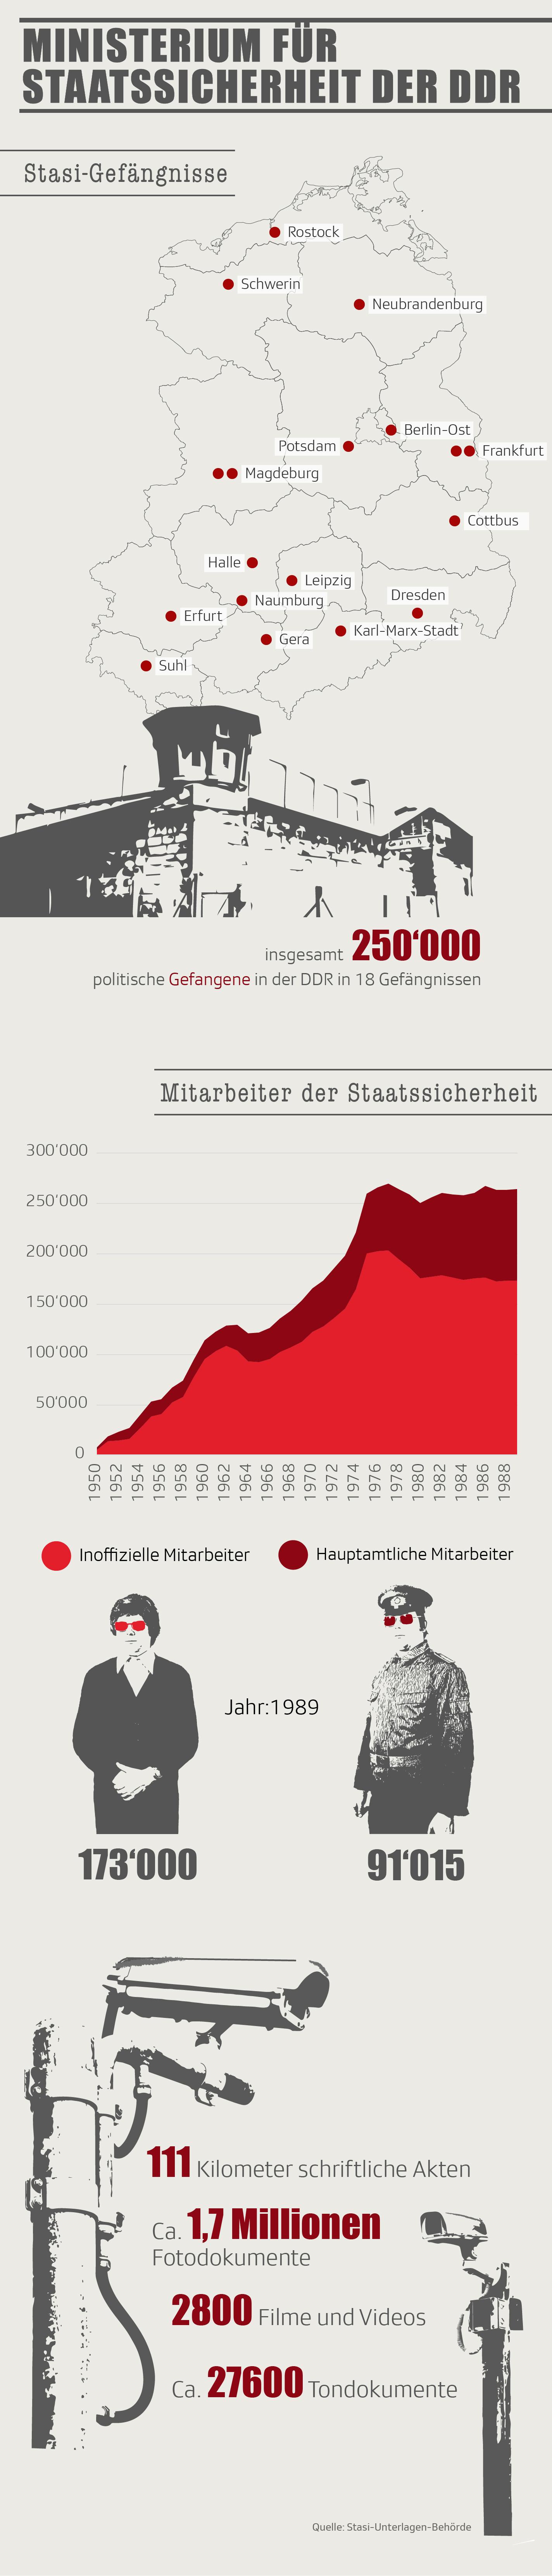 Ministerium für Staatssicherheit in der DDR